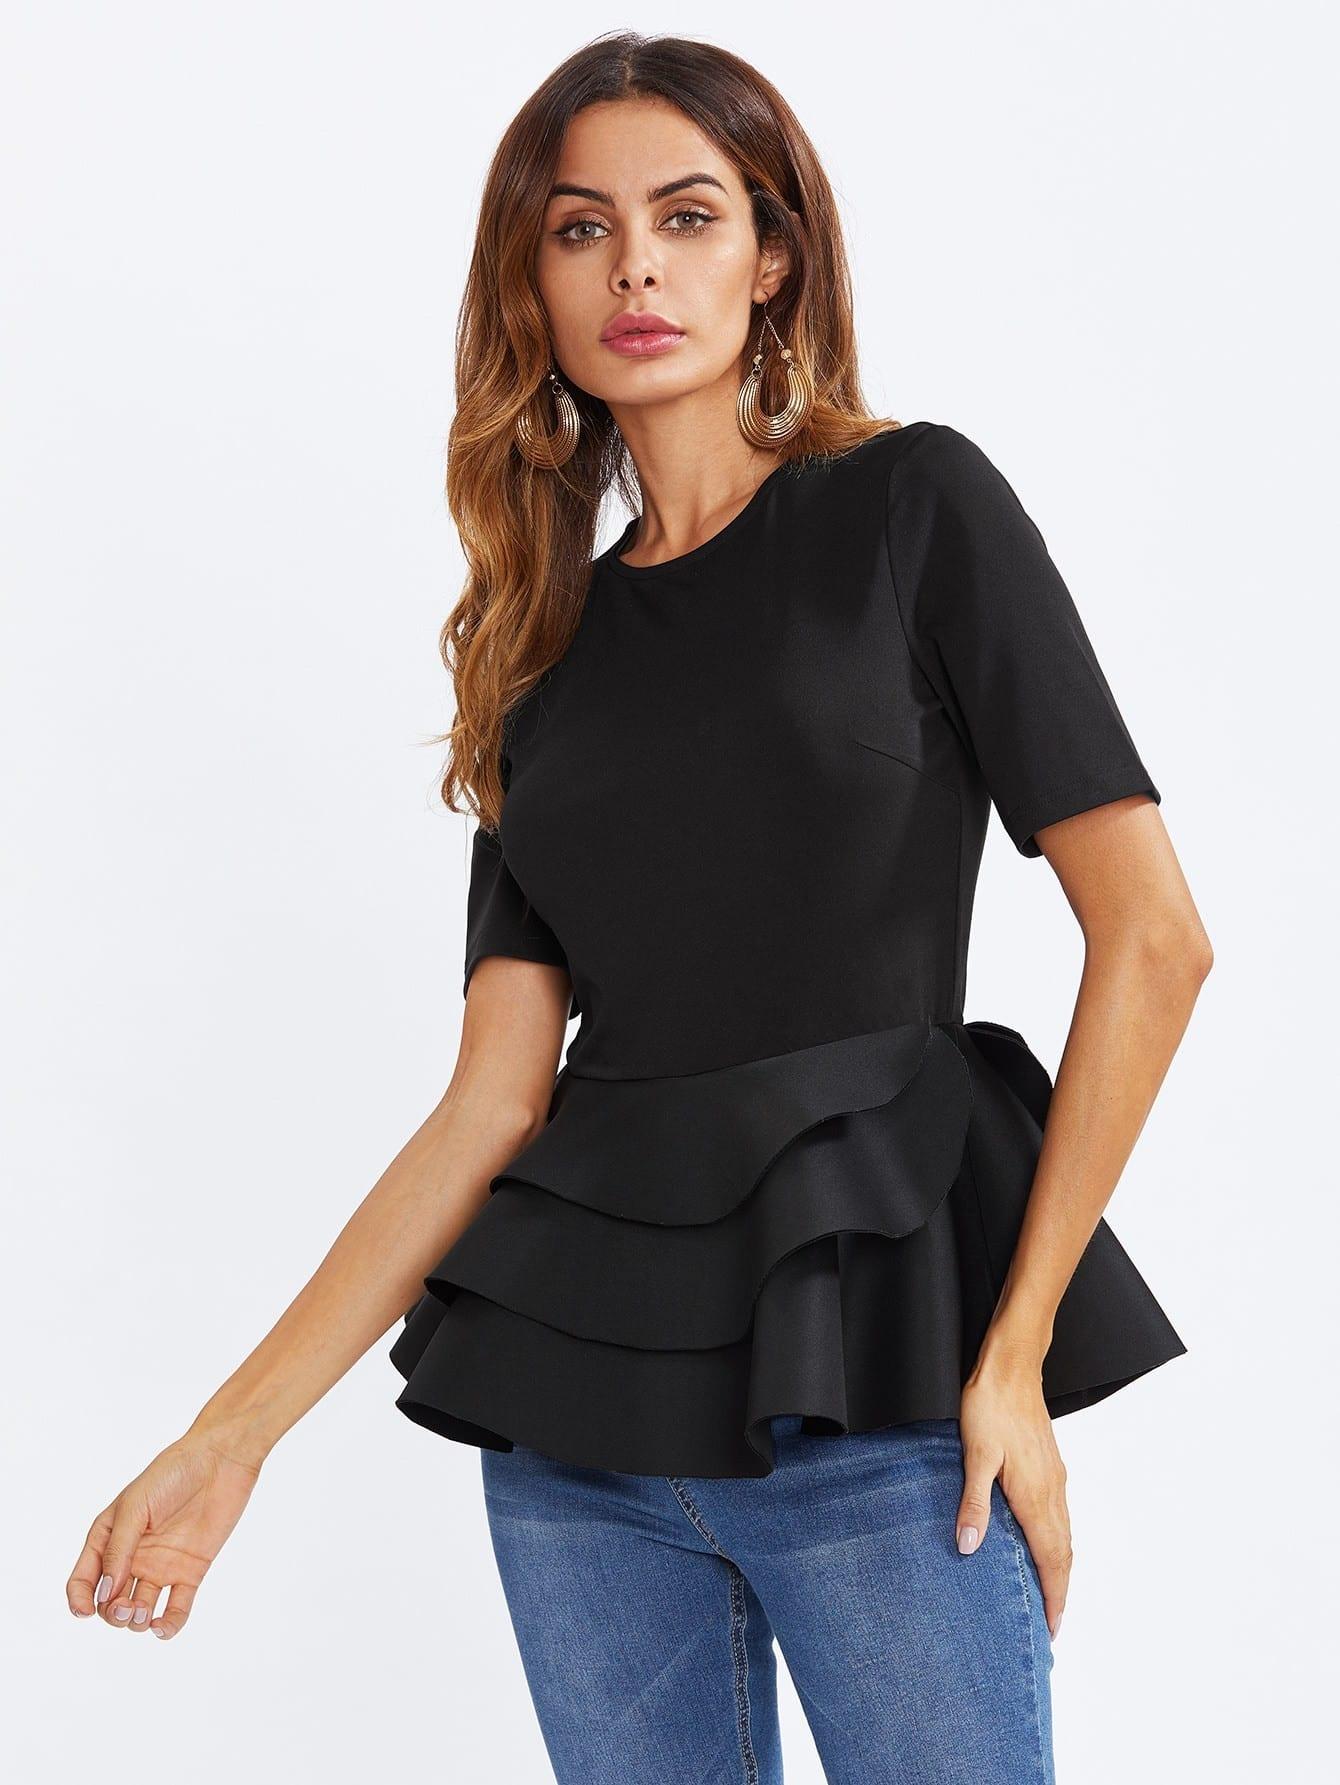 Tiered Ruffle Hem Peplum Blouse lace insert tiered ruffle hem blouse